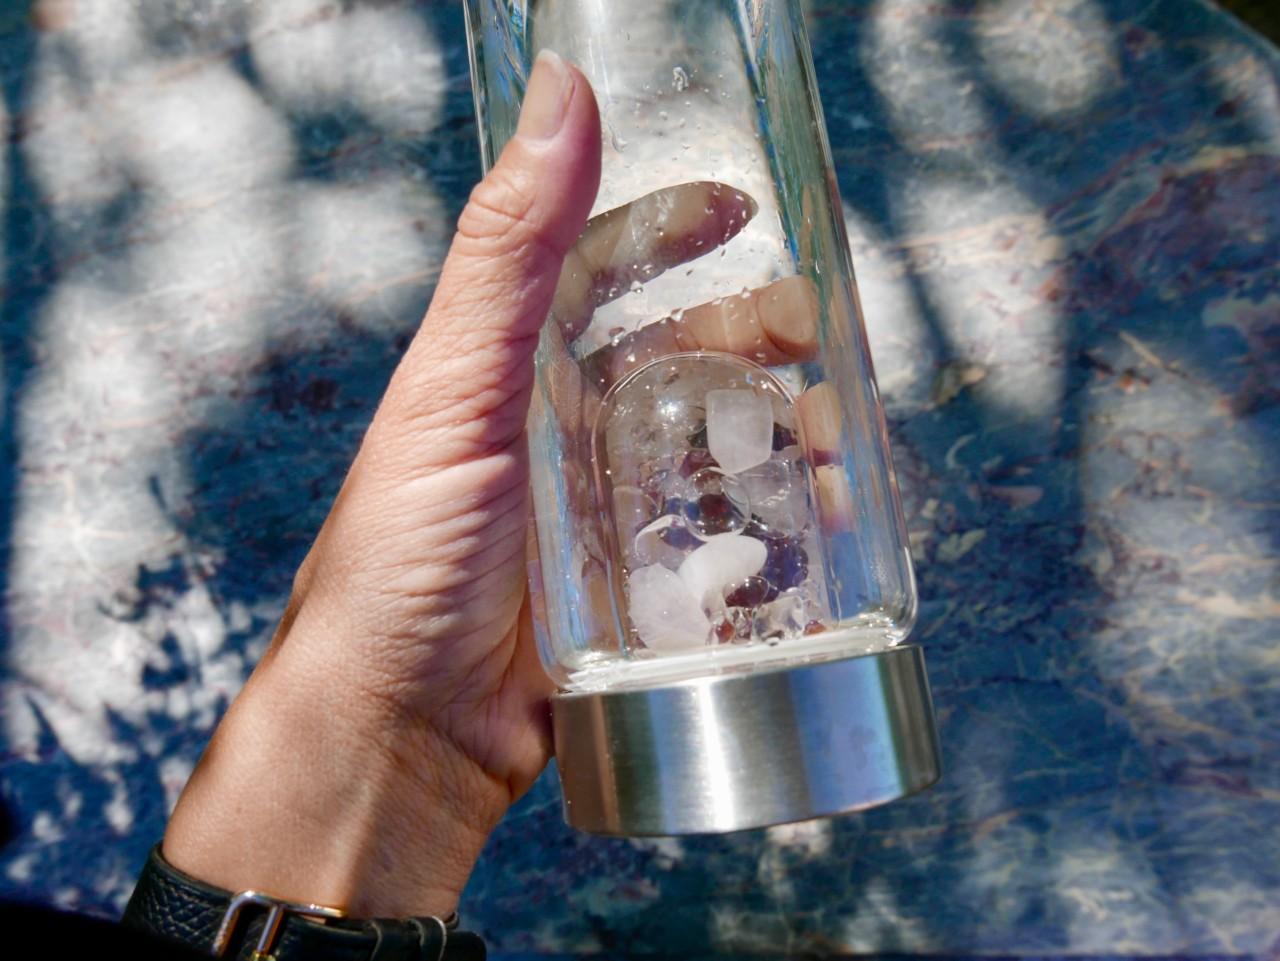 krystall-vann-flaske-gemwater-bottle-green-house